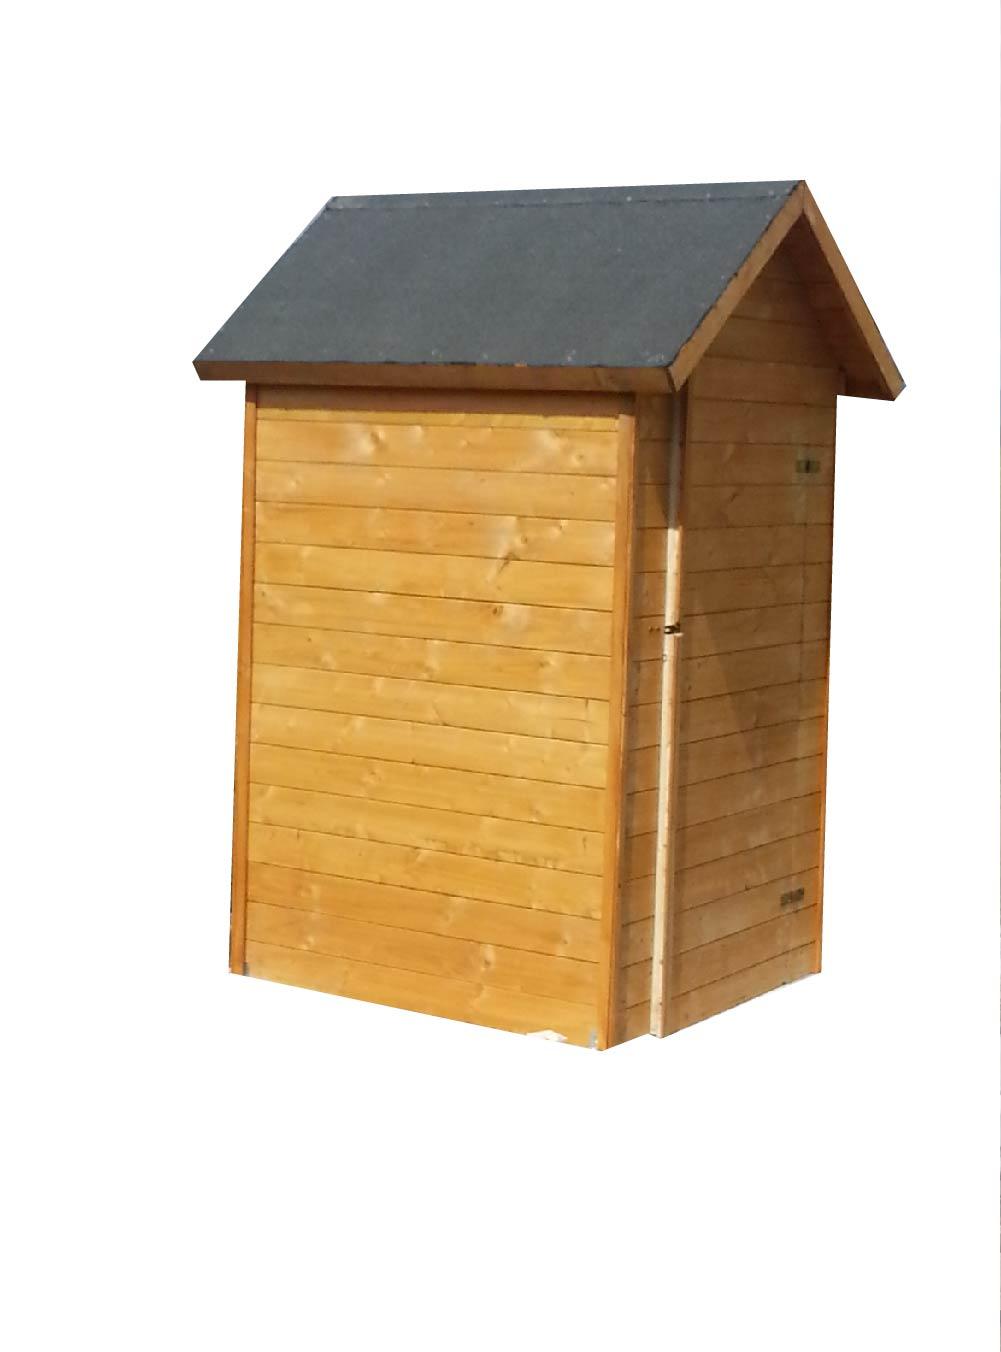 Zahradní dřevěný domek 1,5x1,5m, (19mm), MERIDA